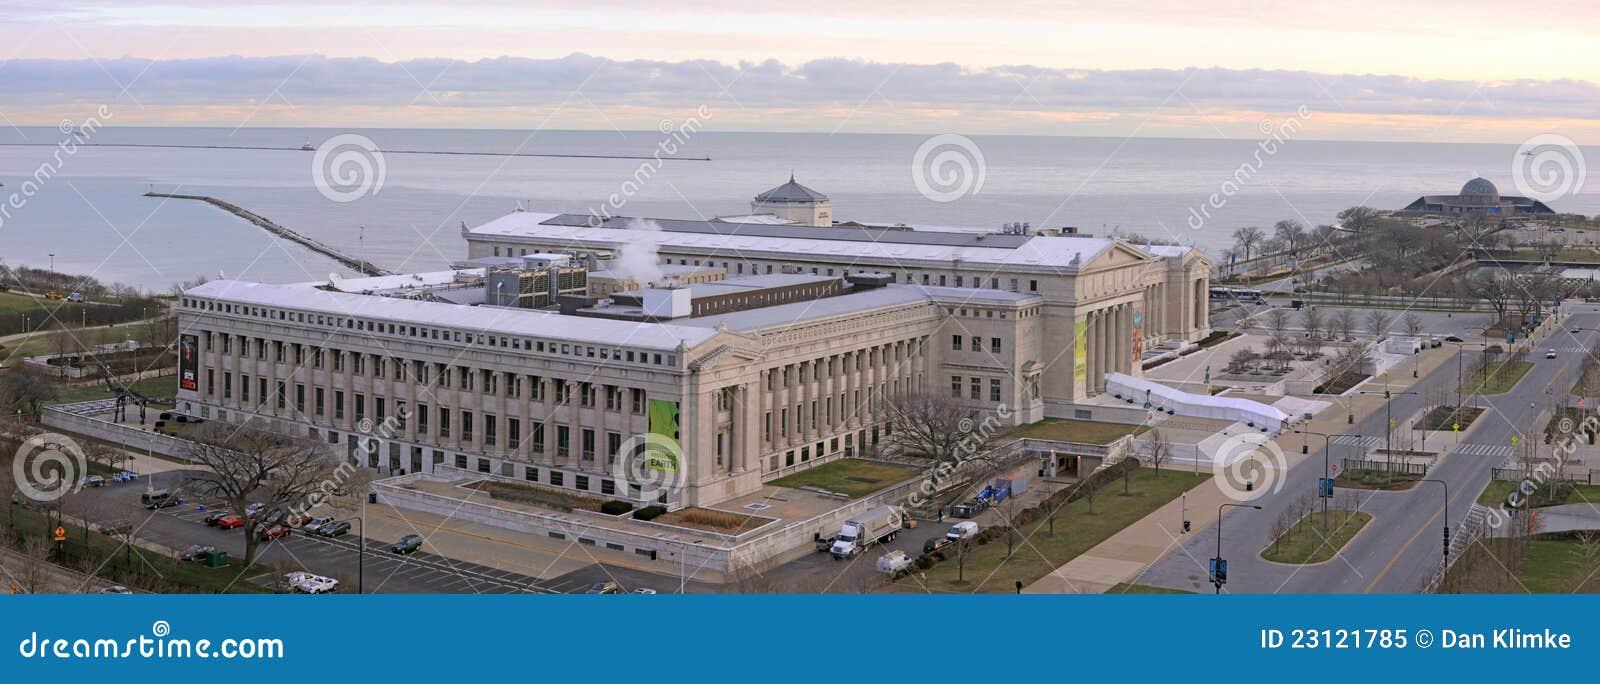 Miasta chicagowski nabrzeże